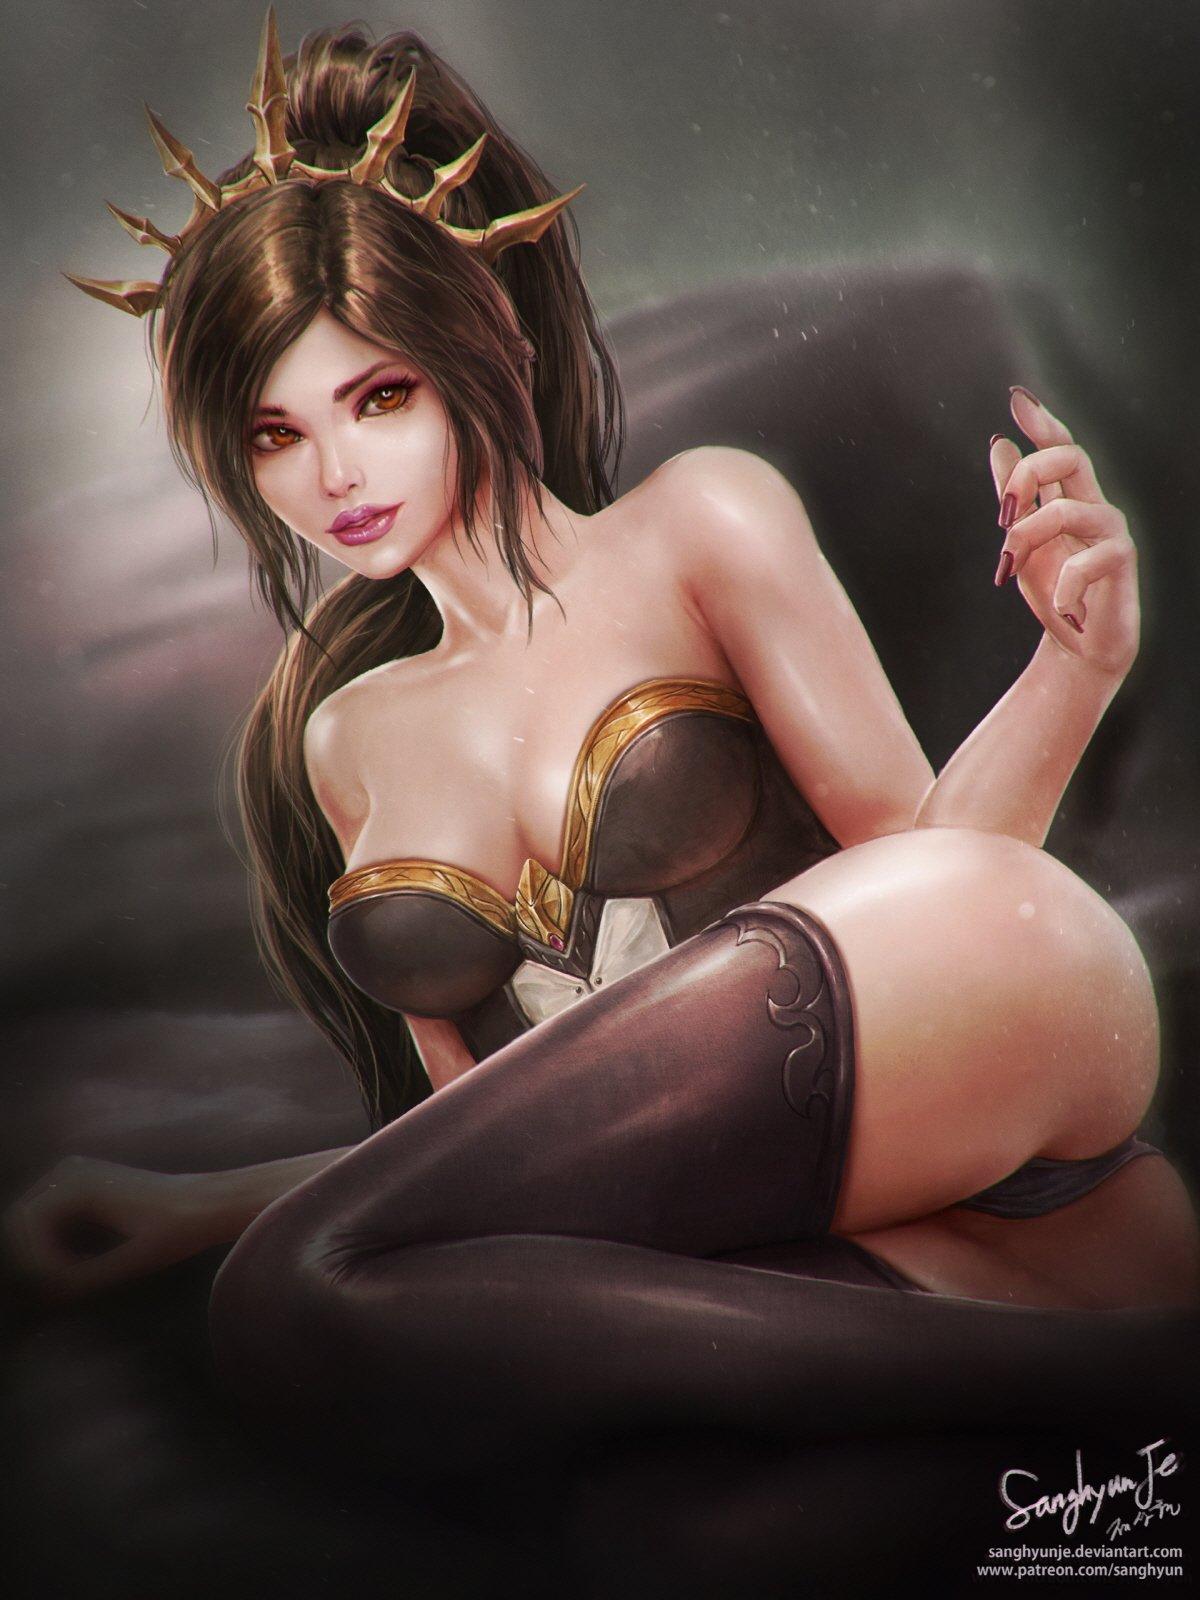 suomi seksinovellit escort girl hot